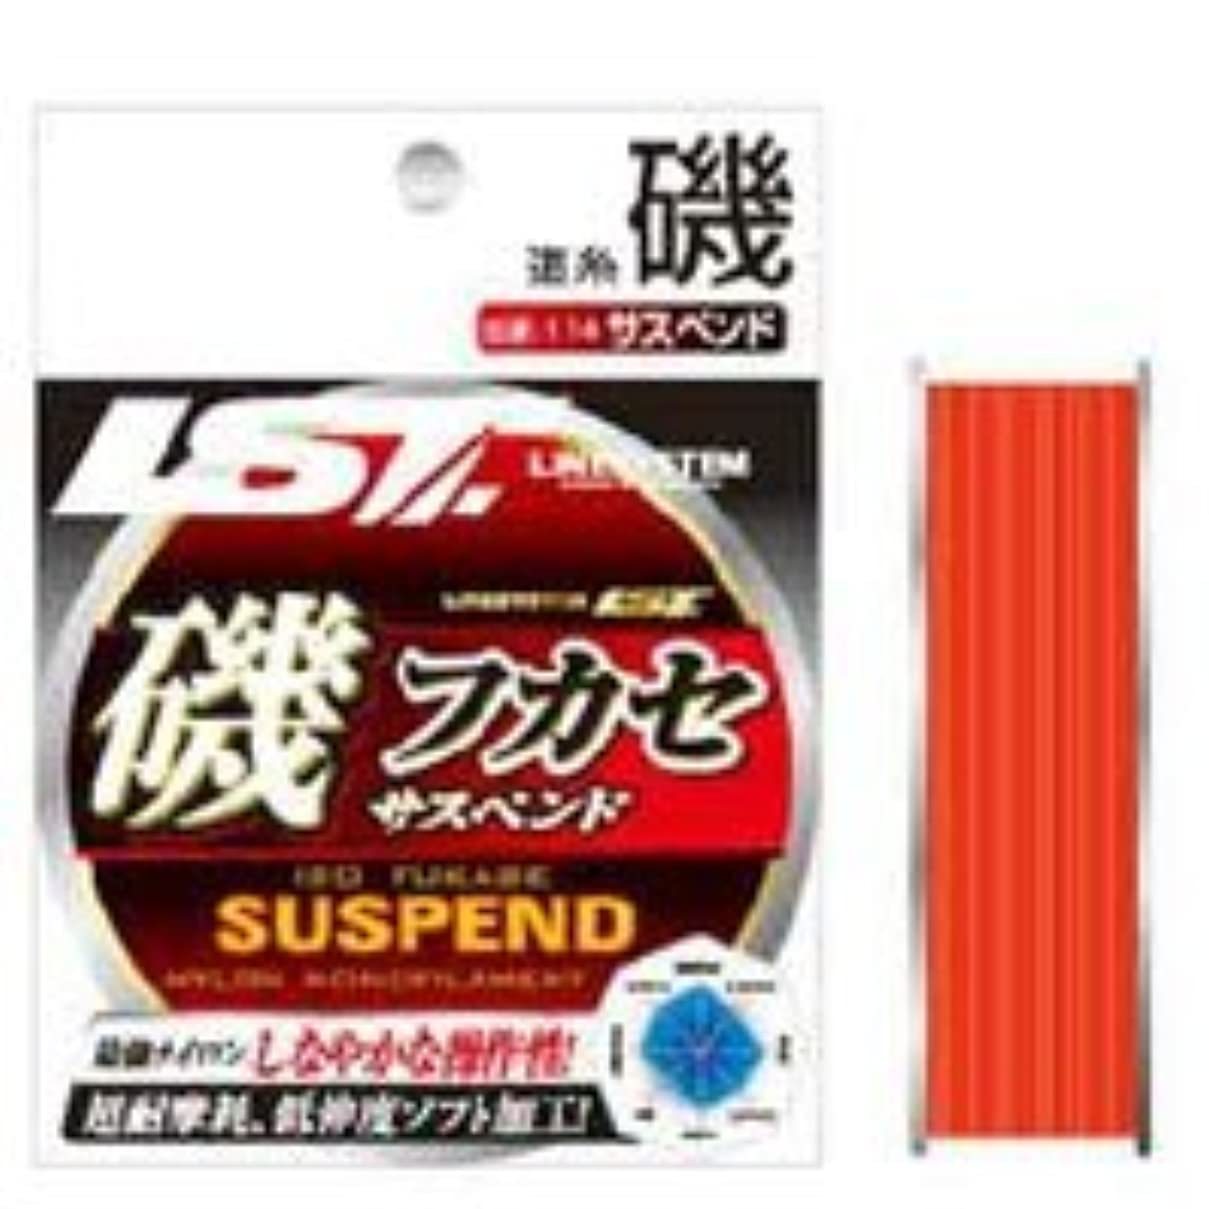 ビーチ拳最も遠いLINE SYSTEM(ラインシステム) ライン 磯フカセ サスペンド 150M 2.5号 L0025A